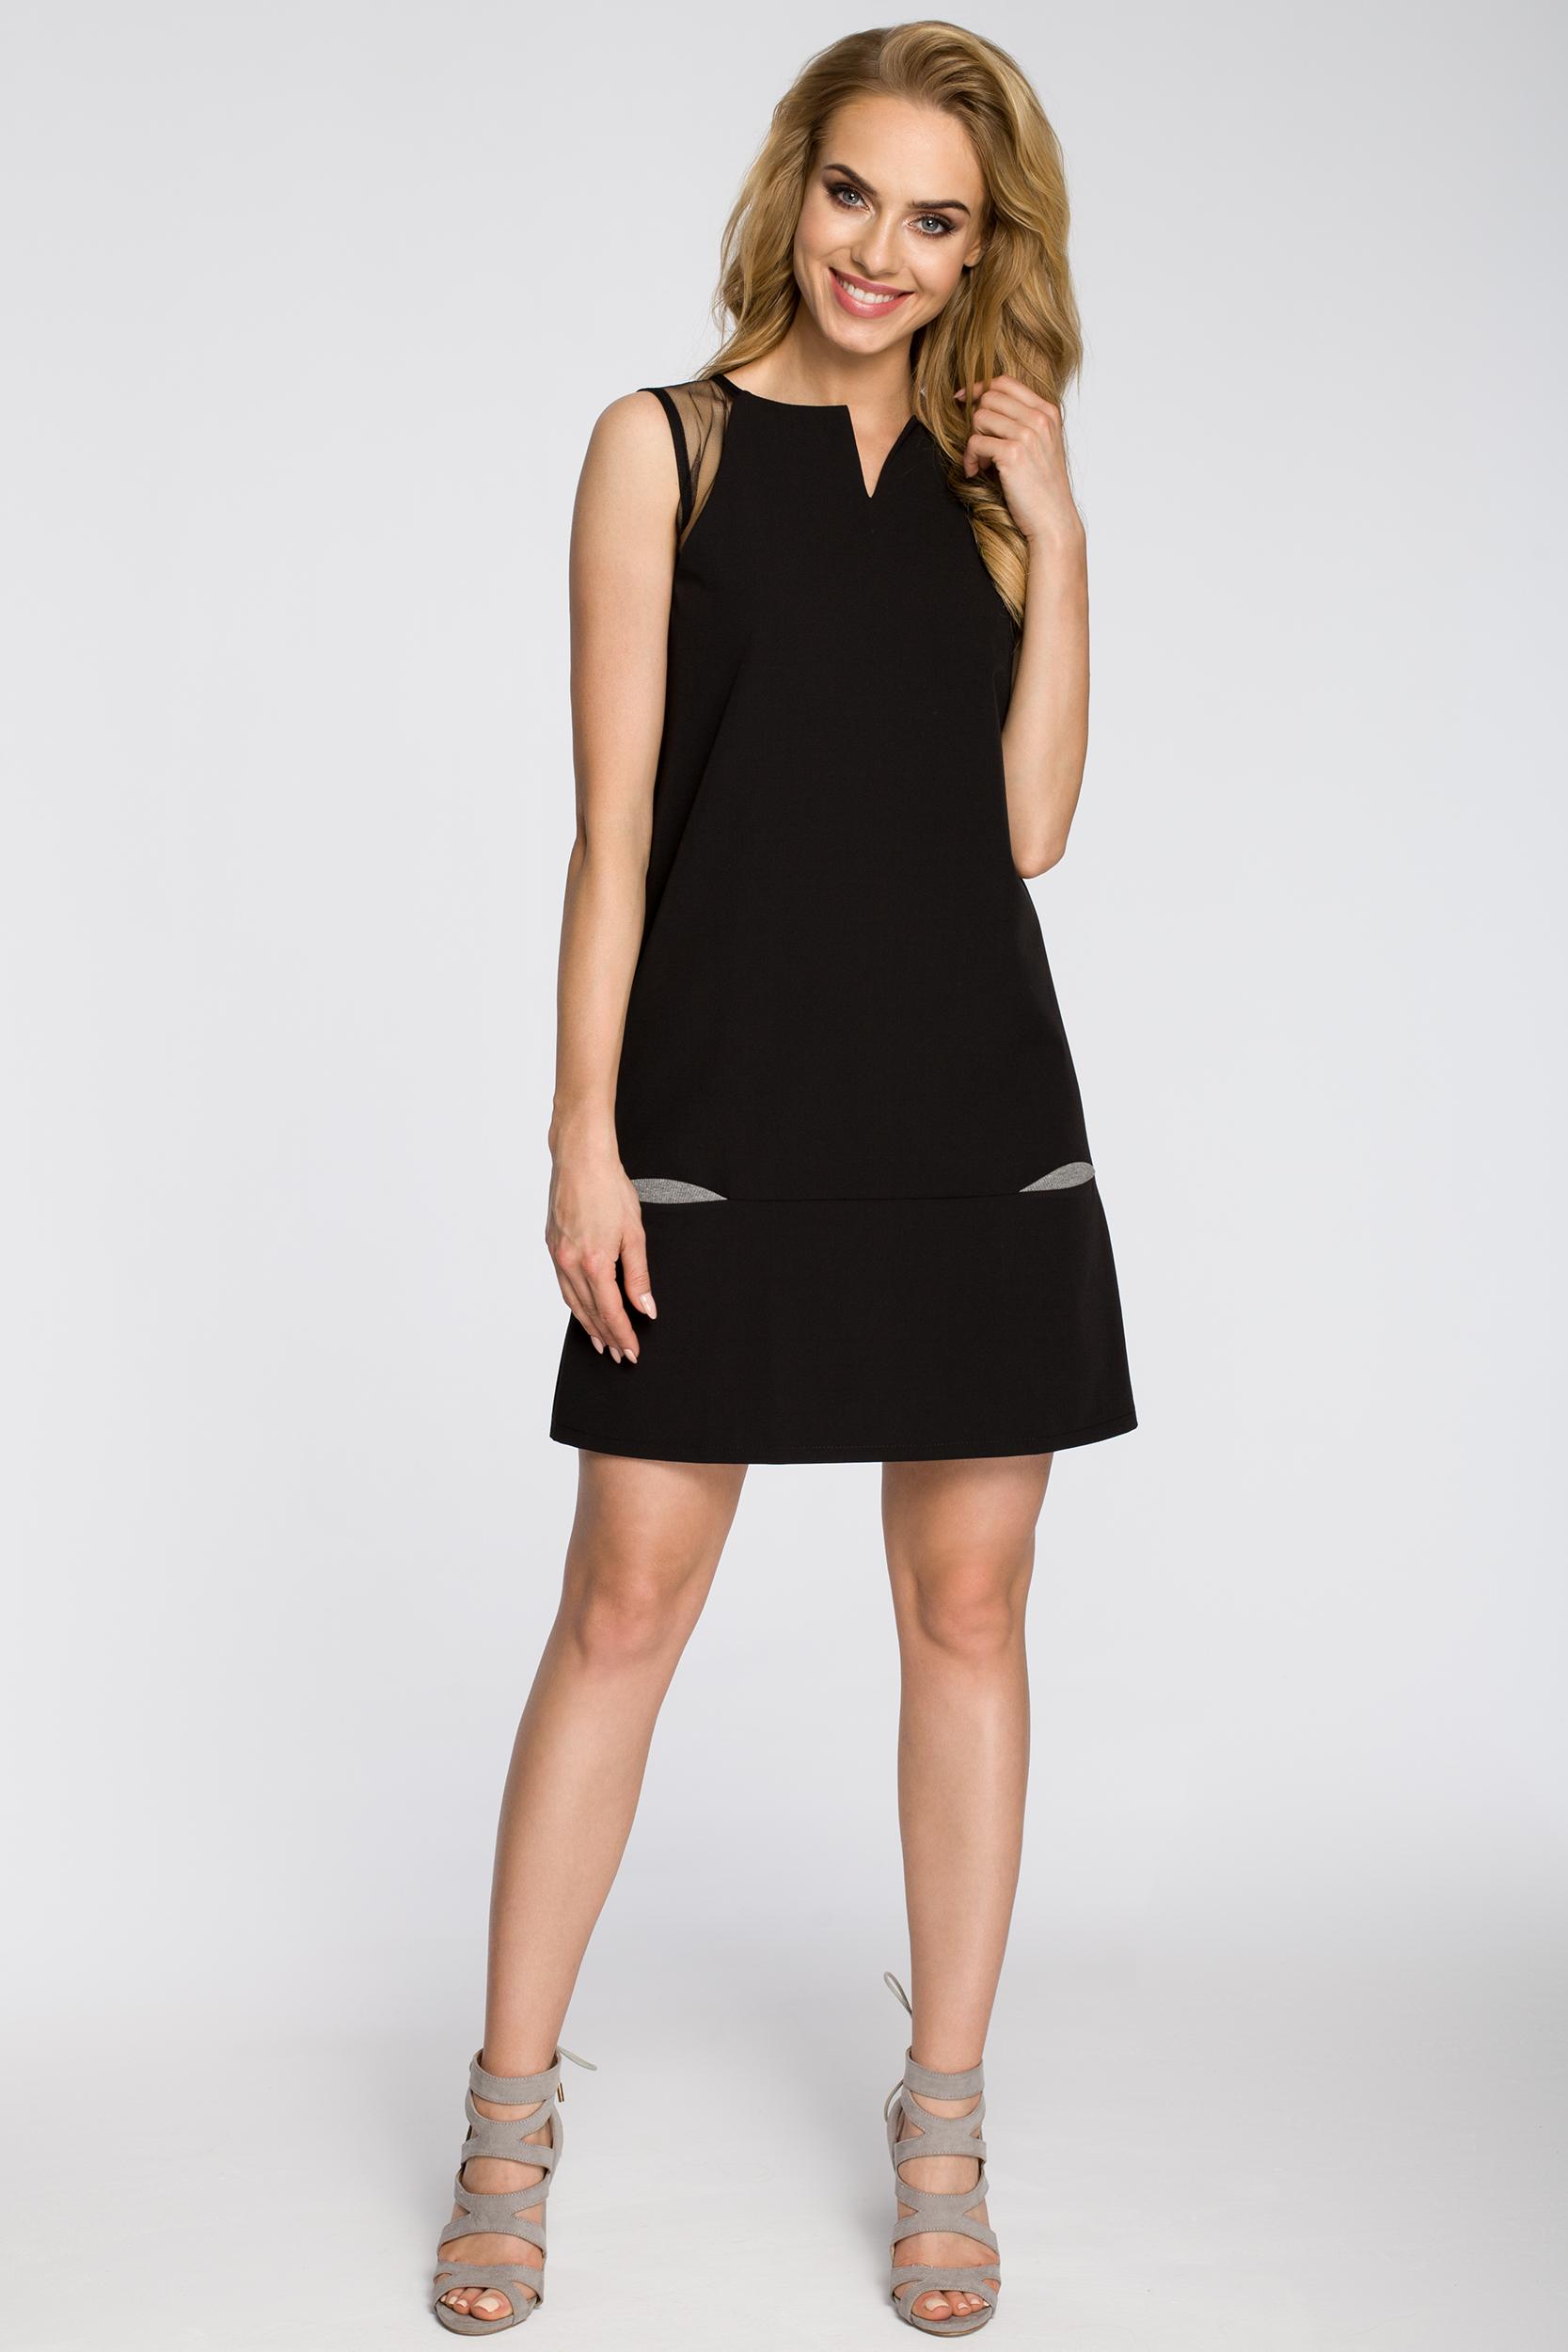 CM2347 Prosta sukienka damska bez rękawów - czarna